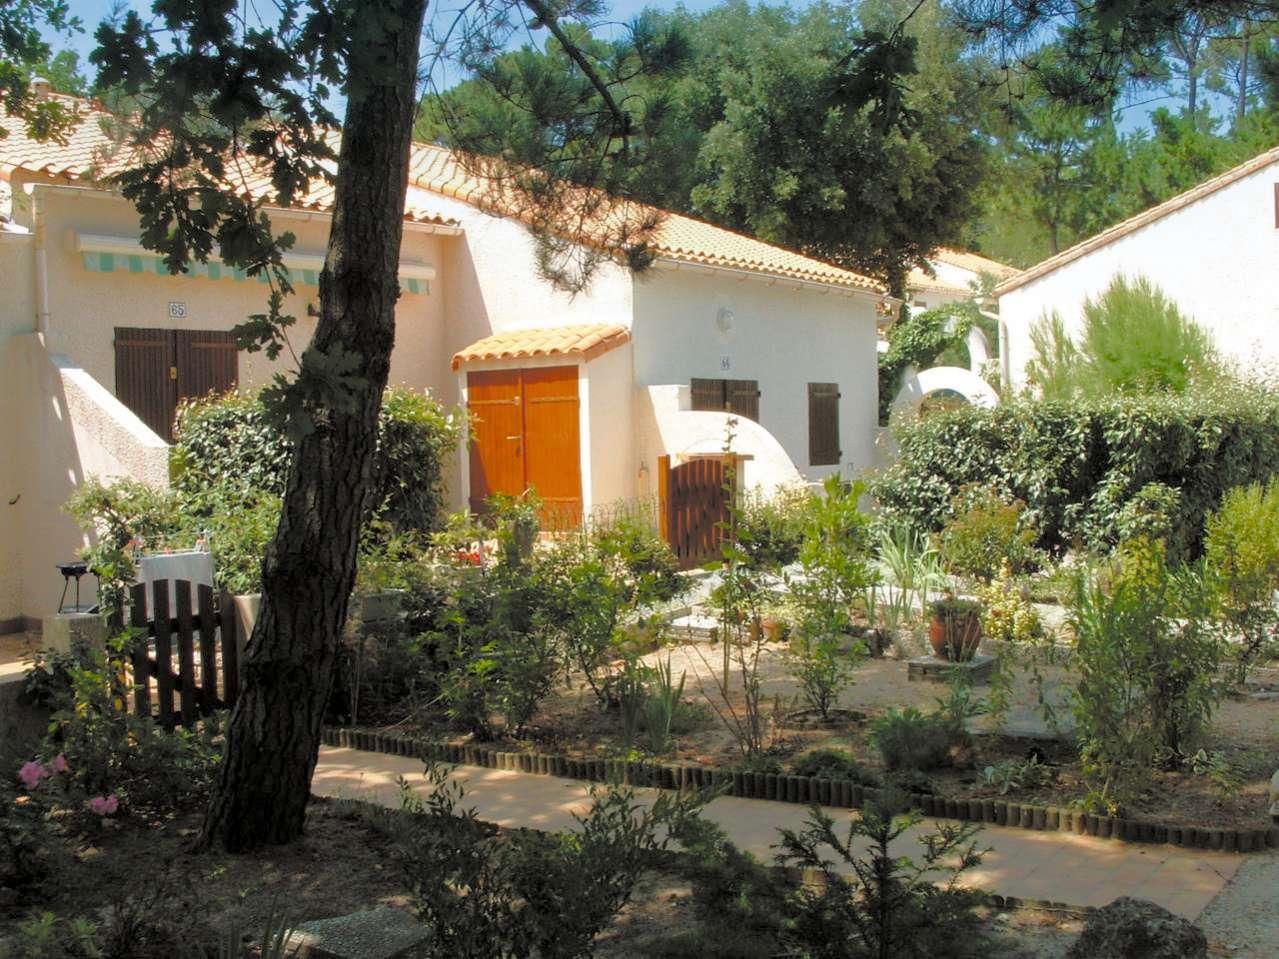 Location Les Villas De La Palmyre